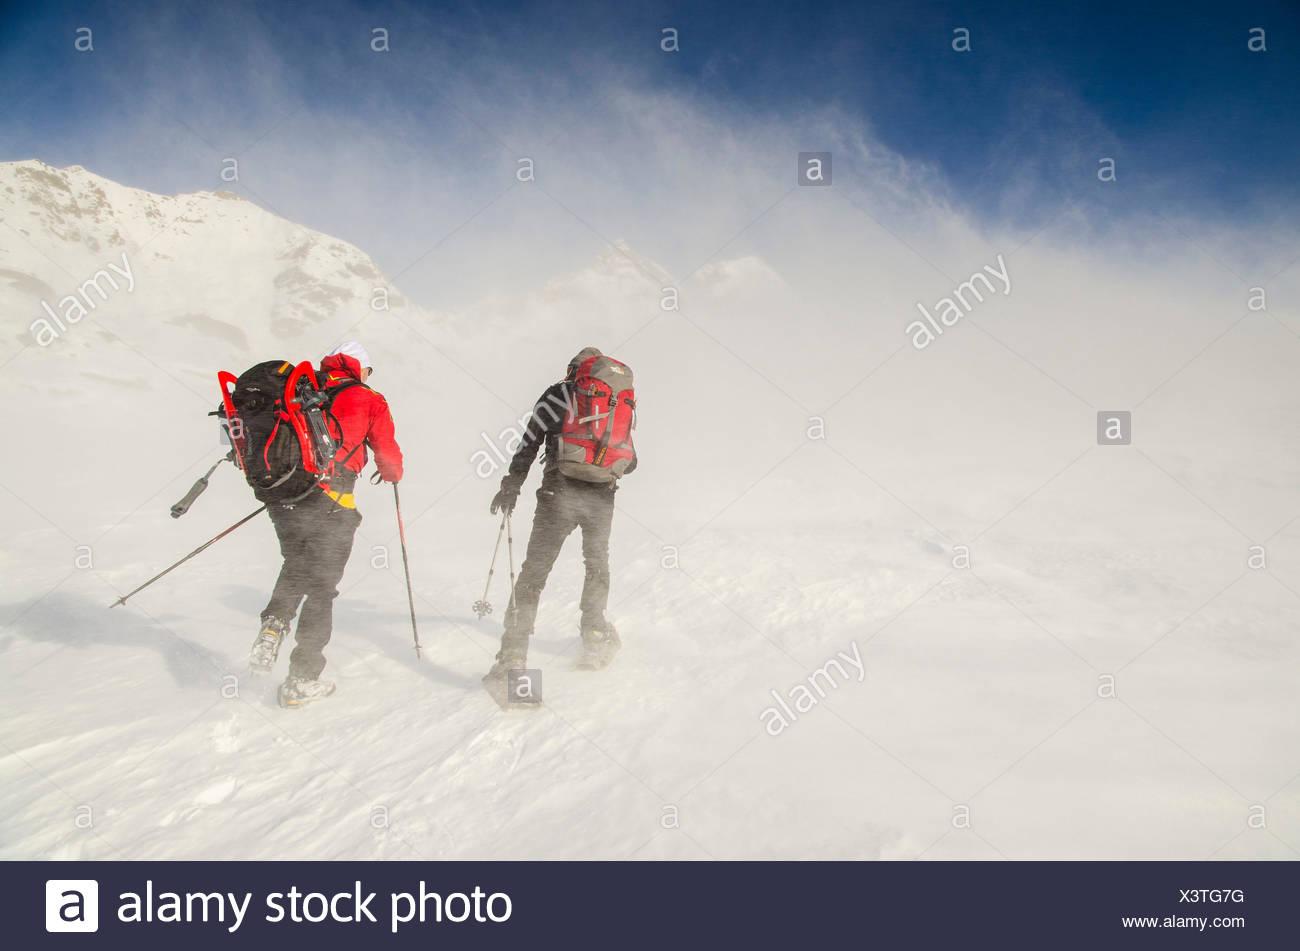 Gli alpinisti in anticipo il vento freddo (Valle Soana, il Parco Nazionale del Gran Paradiso, PIEMONTE) Immagini Stock